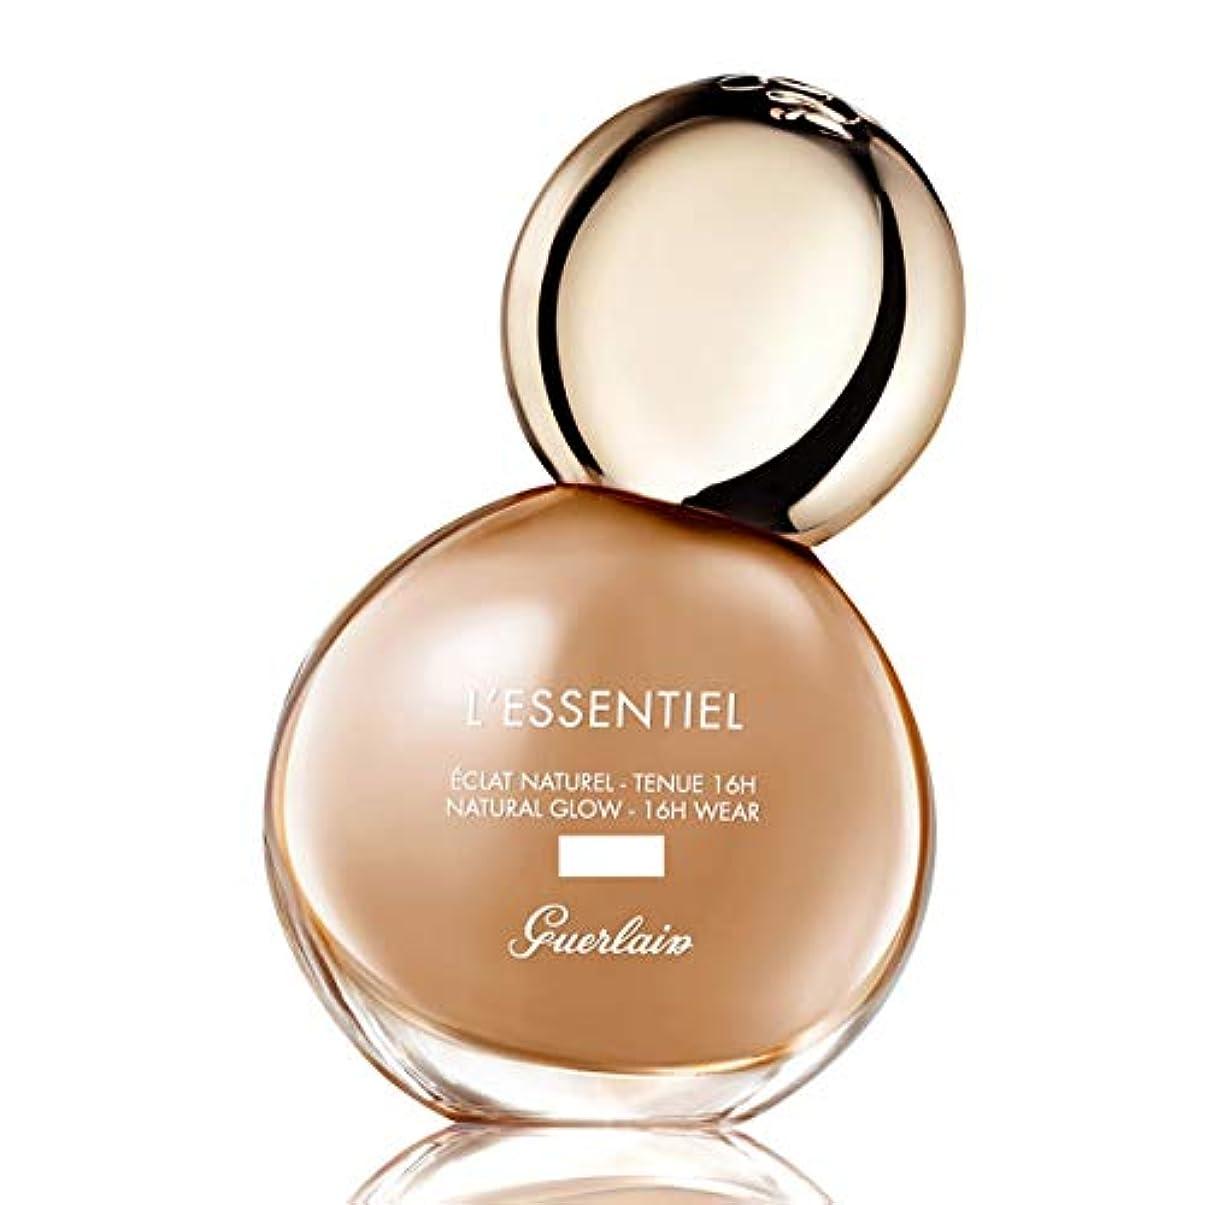 事故転倒交換可能ゲラン L'Essentiel Natural Glow Foundation 16H Wear SPF 20 - # 045N Amber 30ml/1oz並行輸入品